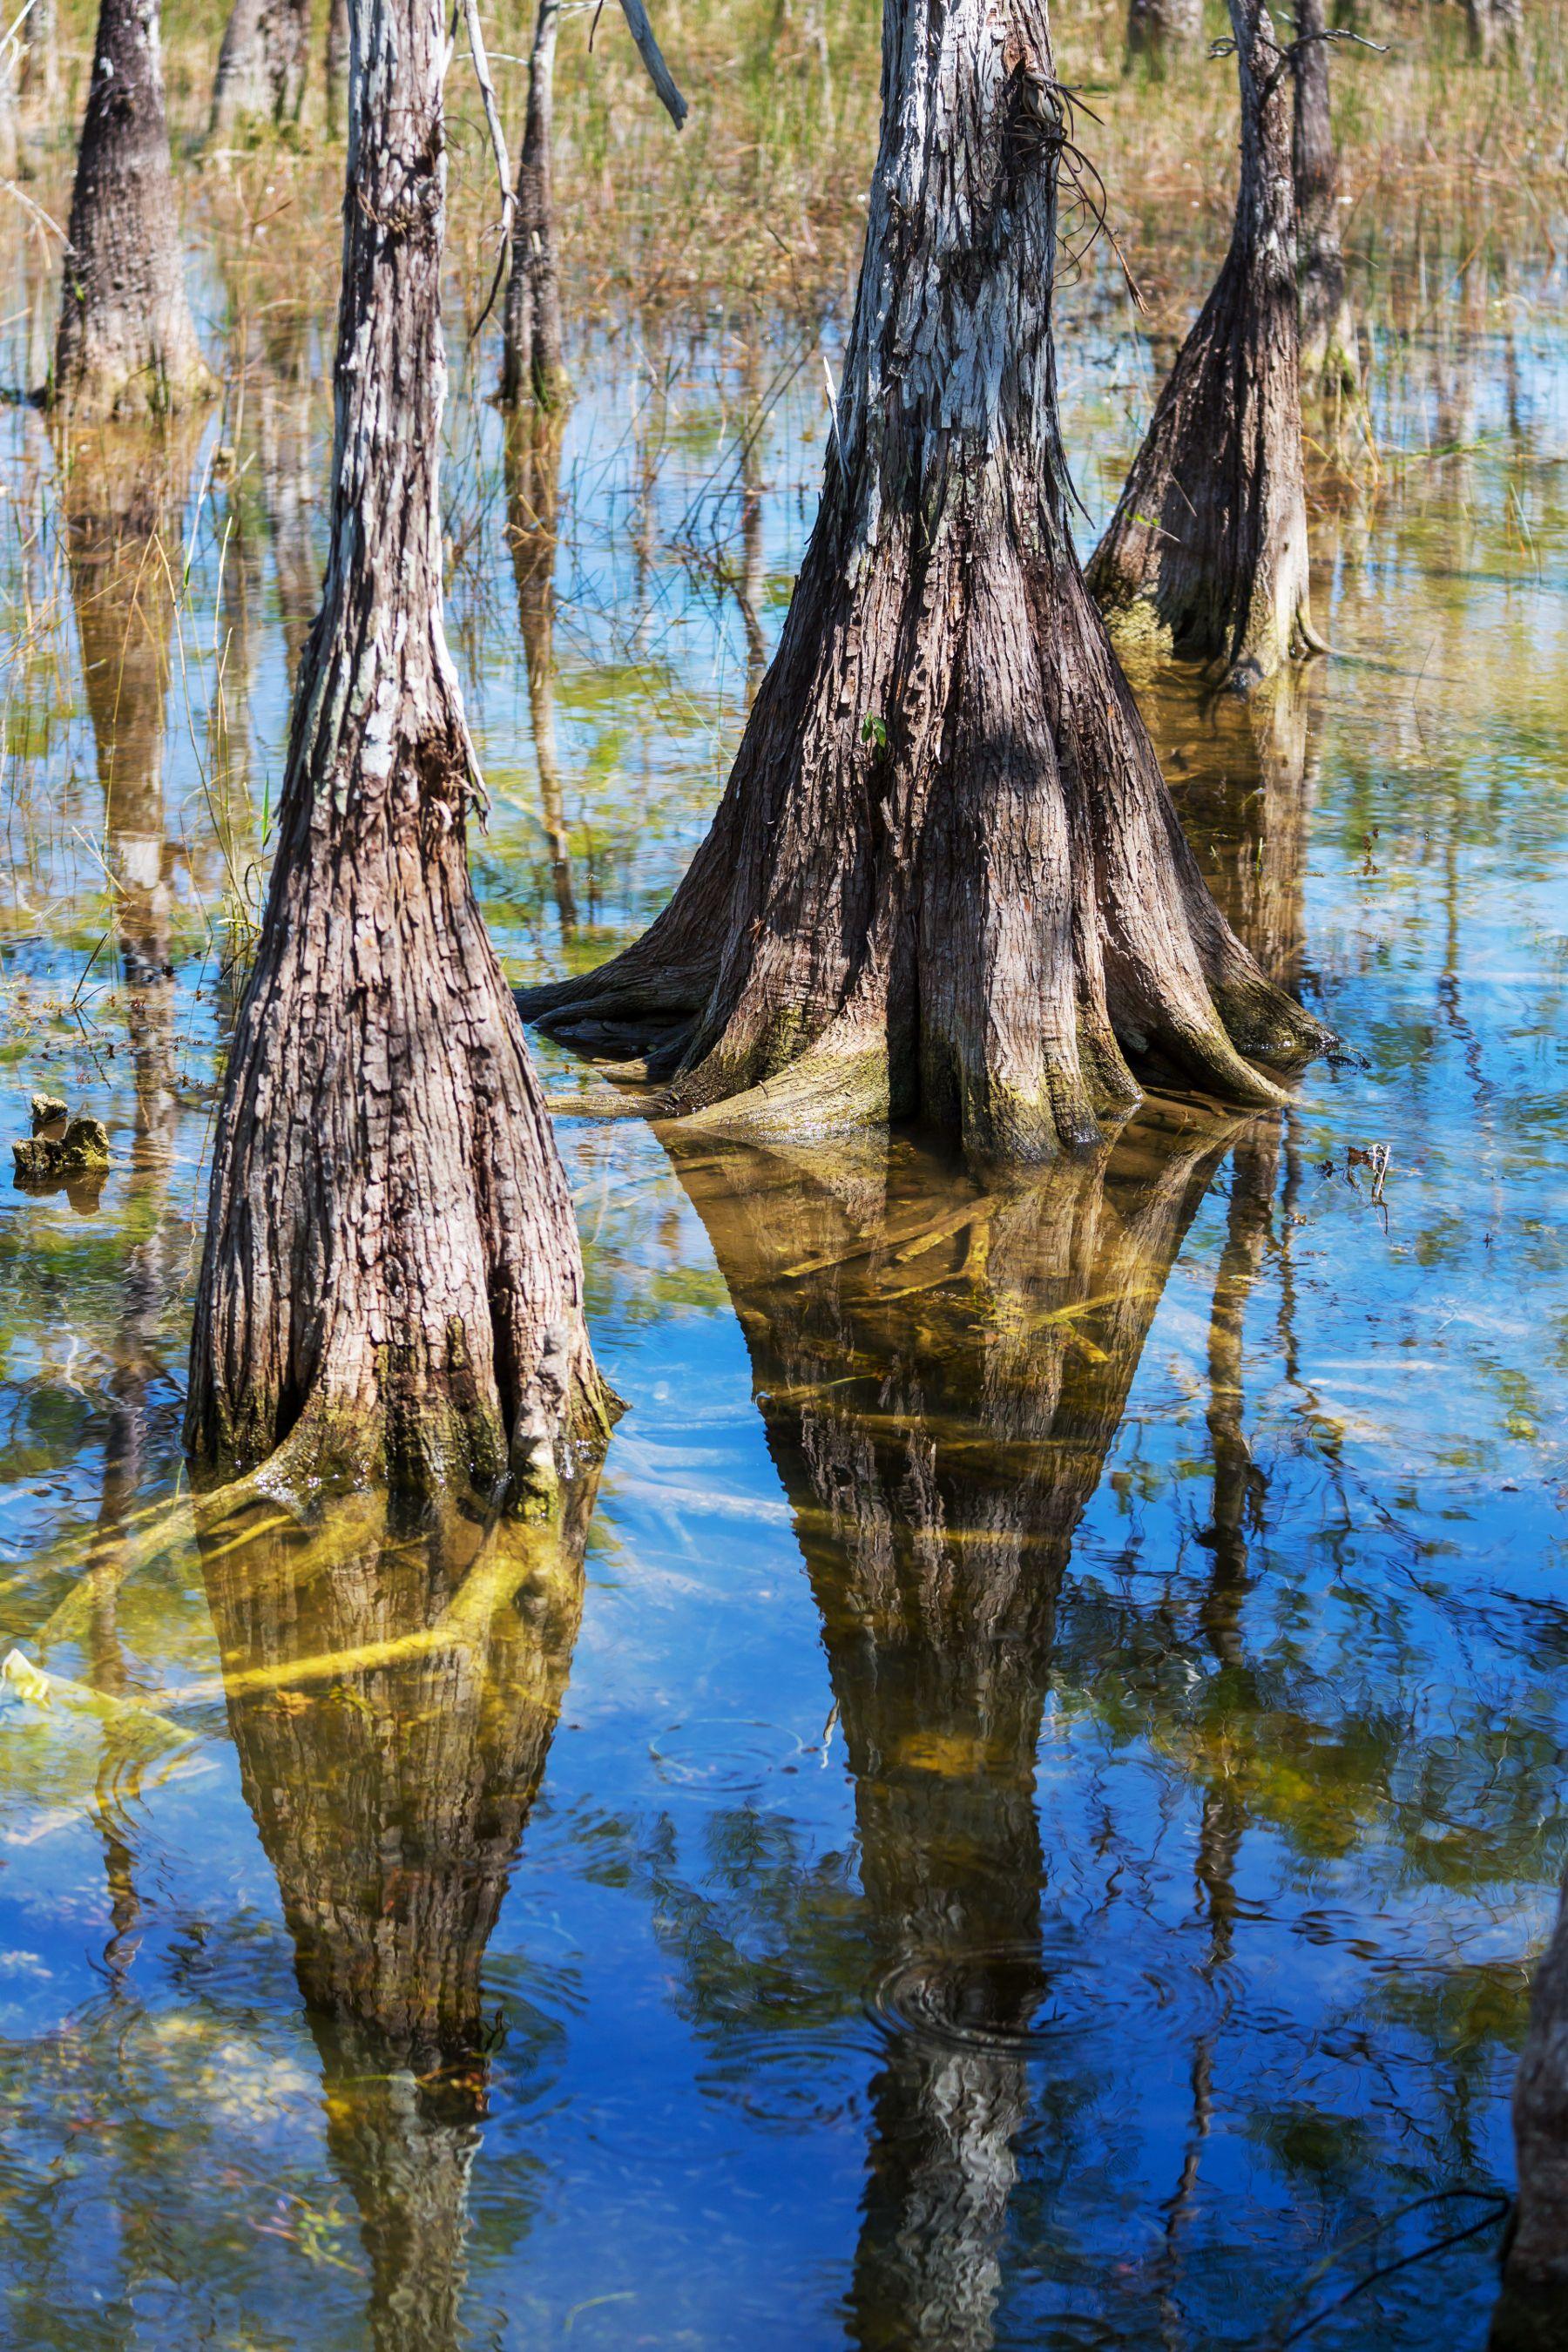 Cruisin' Through the Bayou Bayou country, Places to go